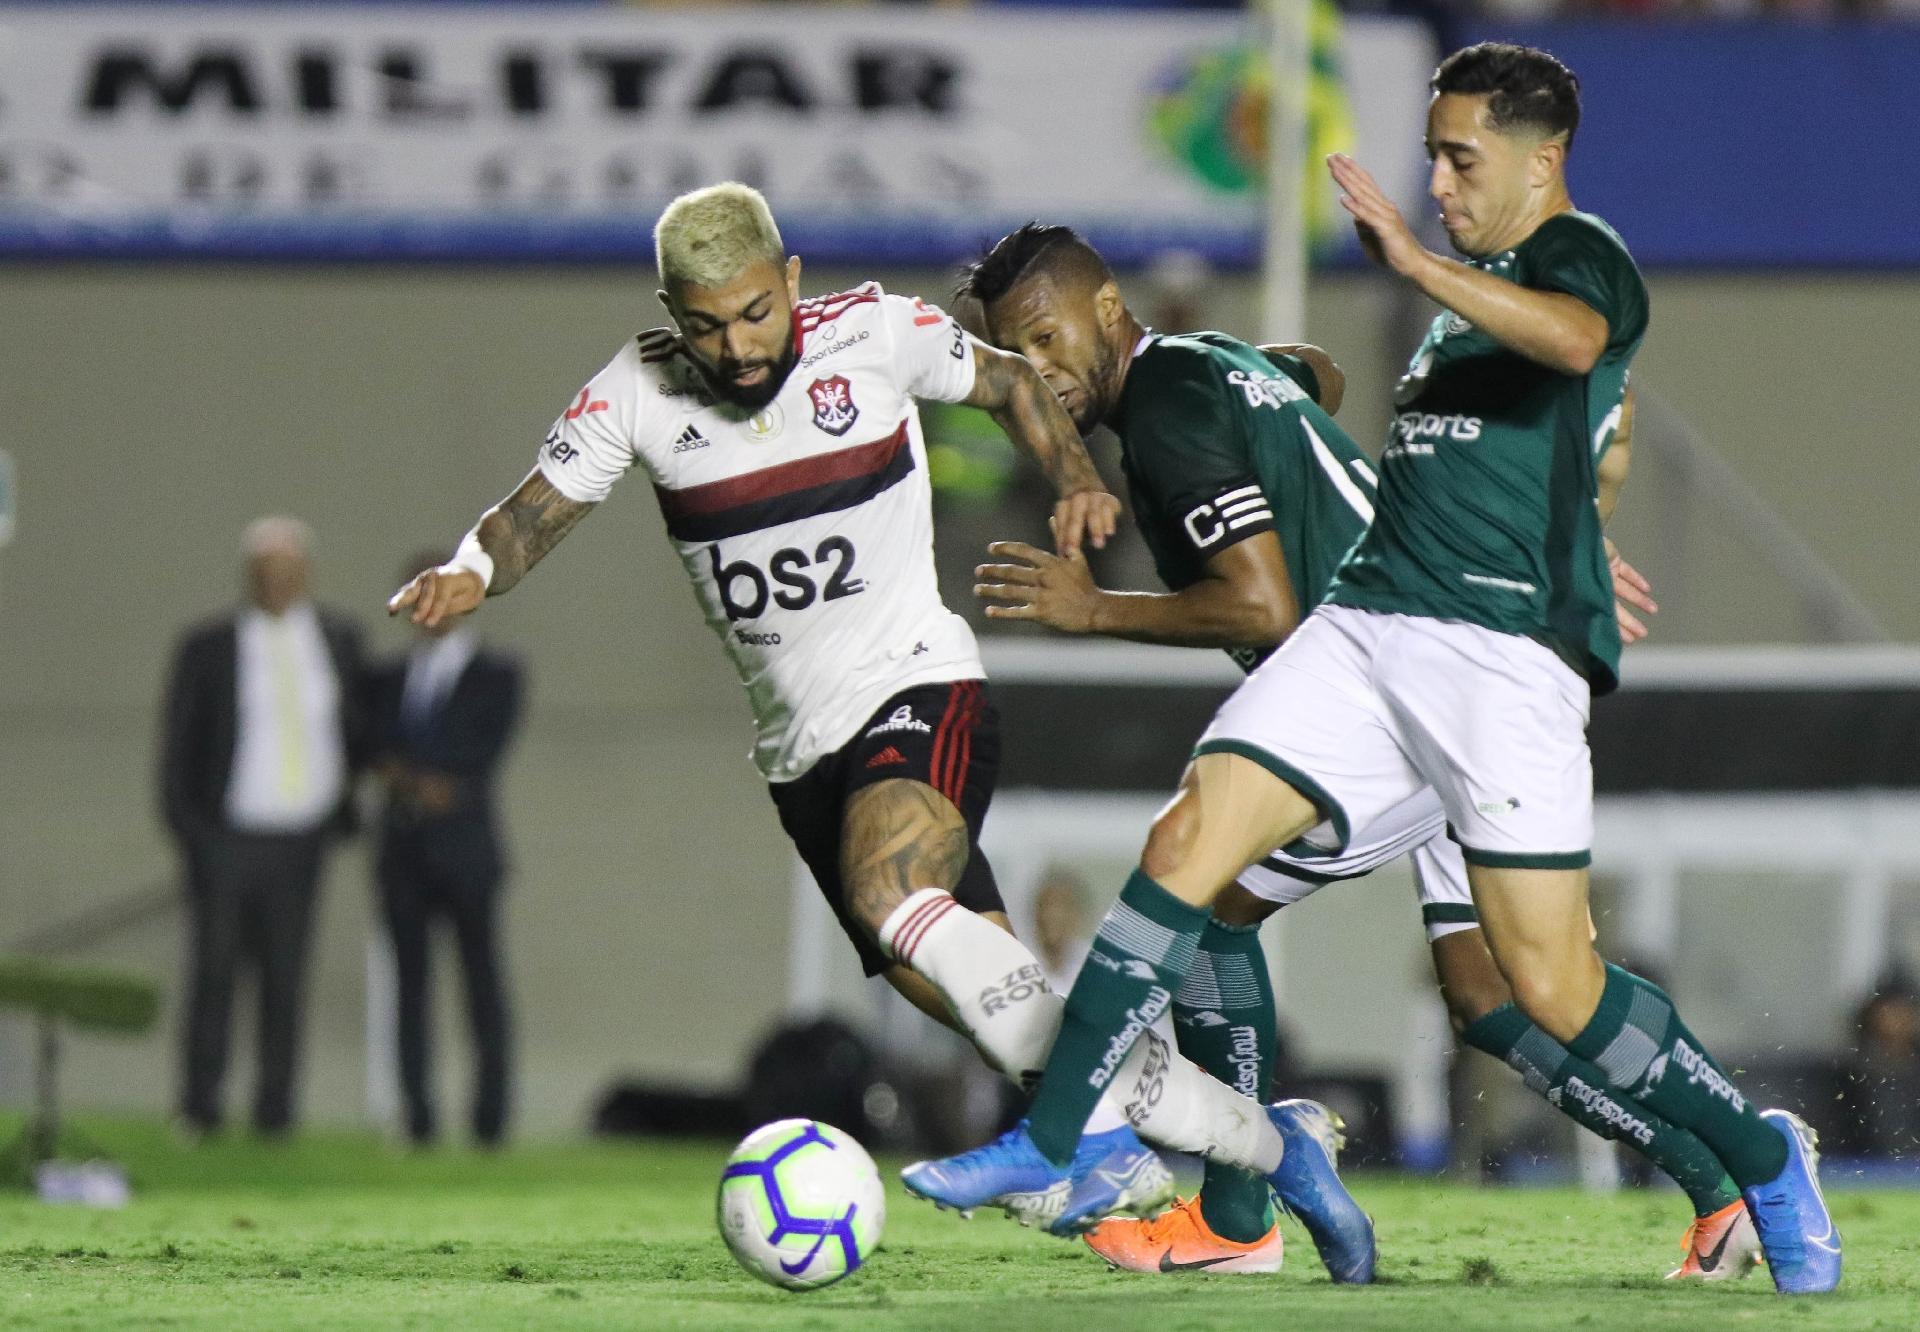 Brasileiro Fla Sofre Empata Com Goias E Ve Vantagem Para O Palmeiras Cair